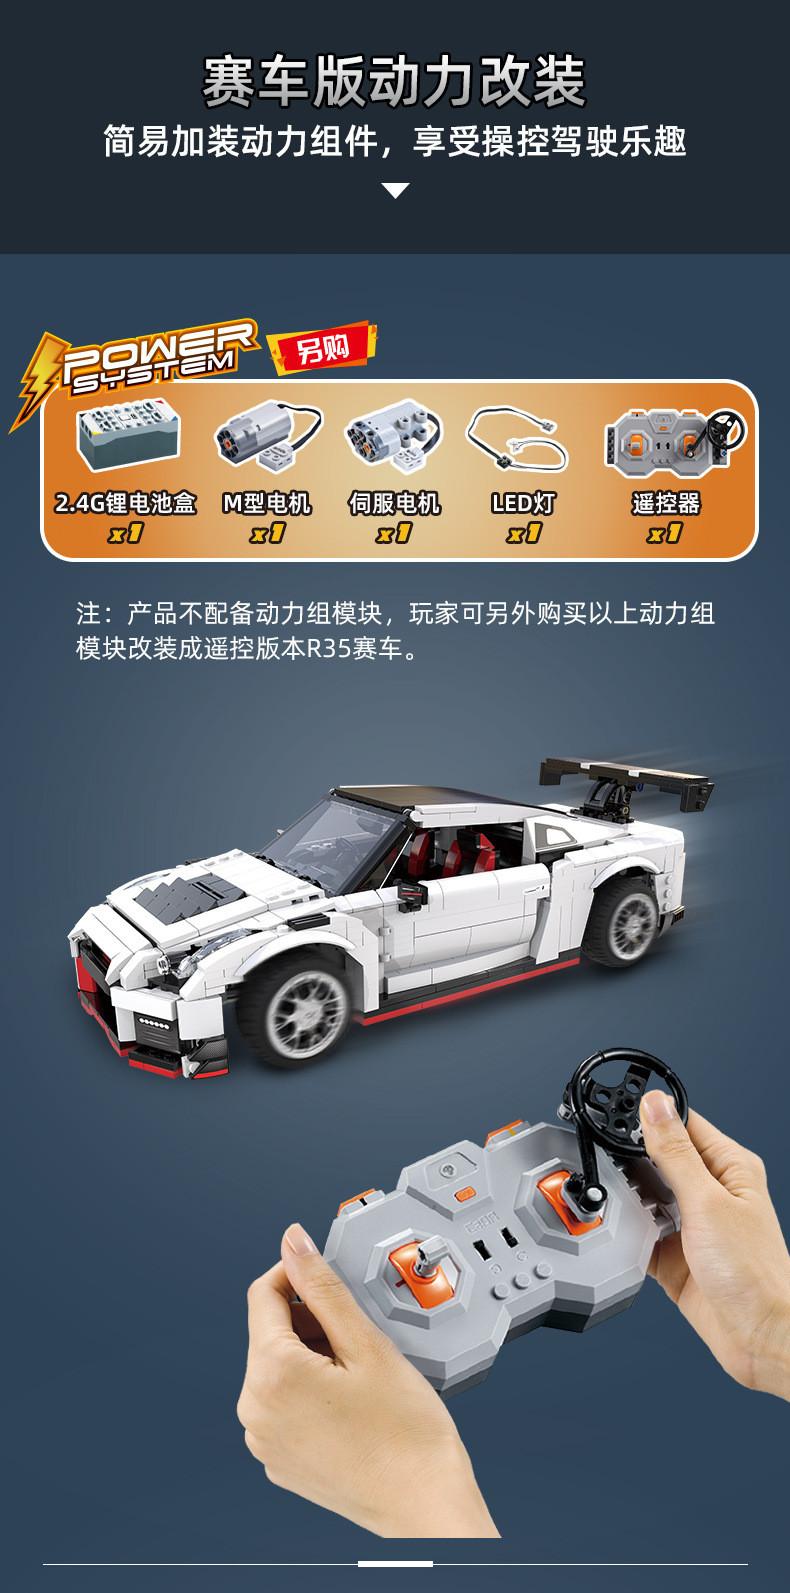 DoubleE / CADA C61020 GTR R35 Racing 16